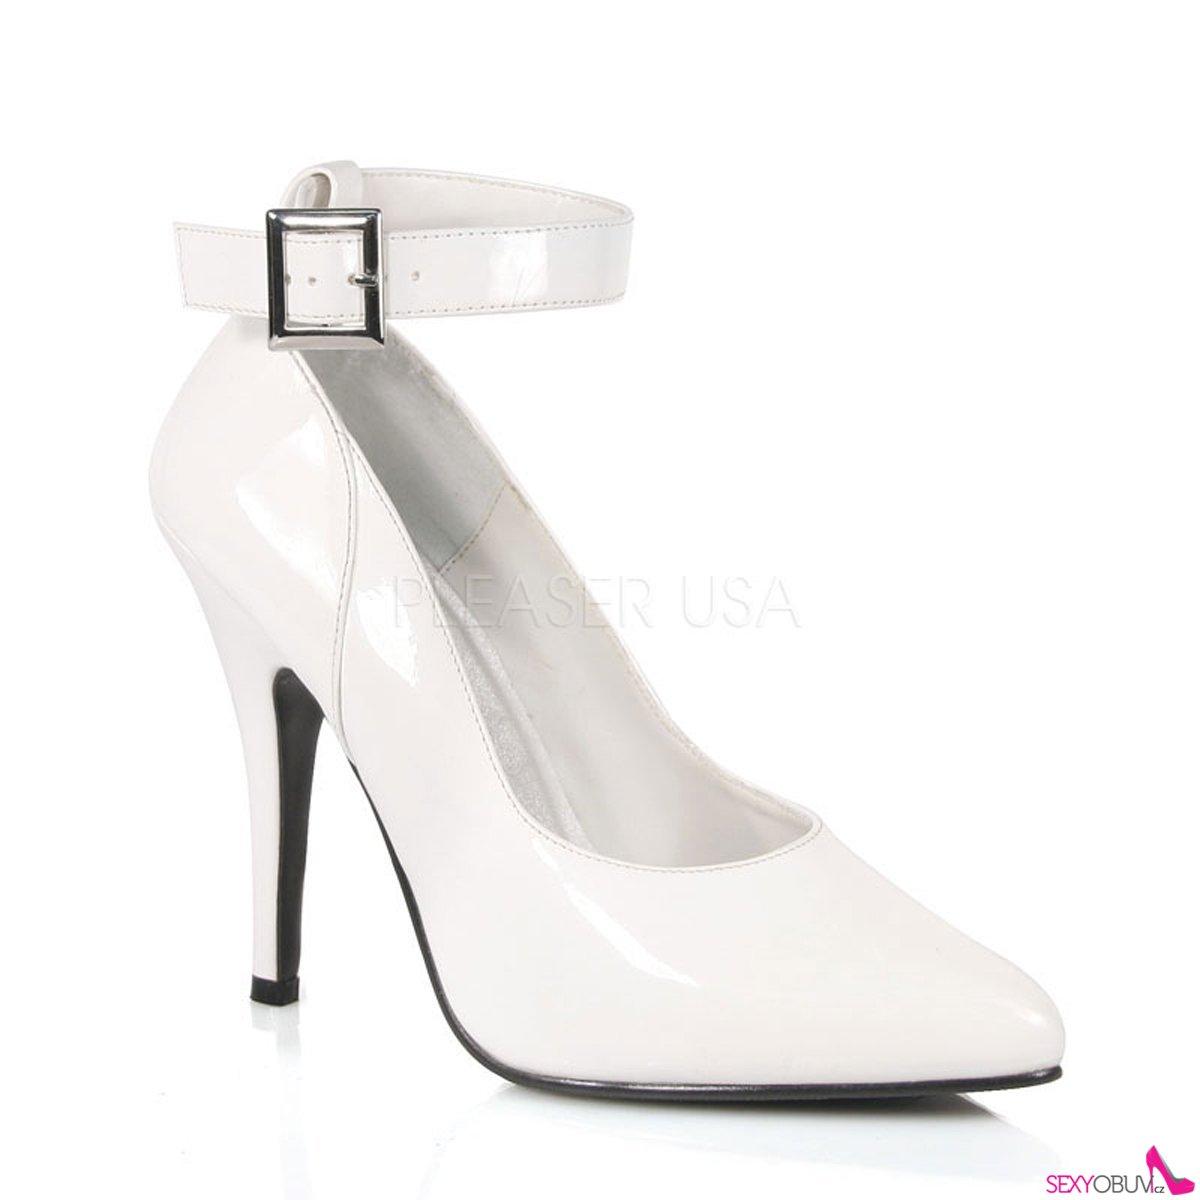 SEDUCE-431 Klasické bílé dámské lodičky na podpatku 0d2069def6